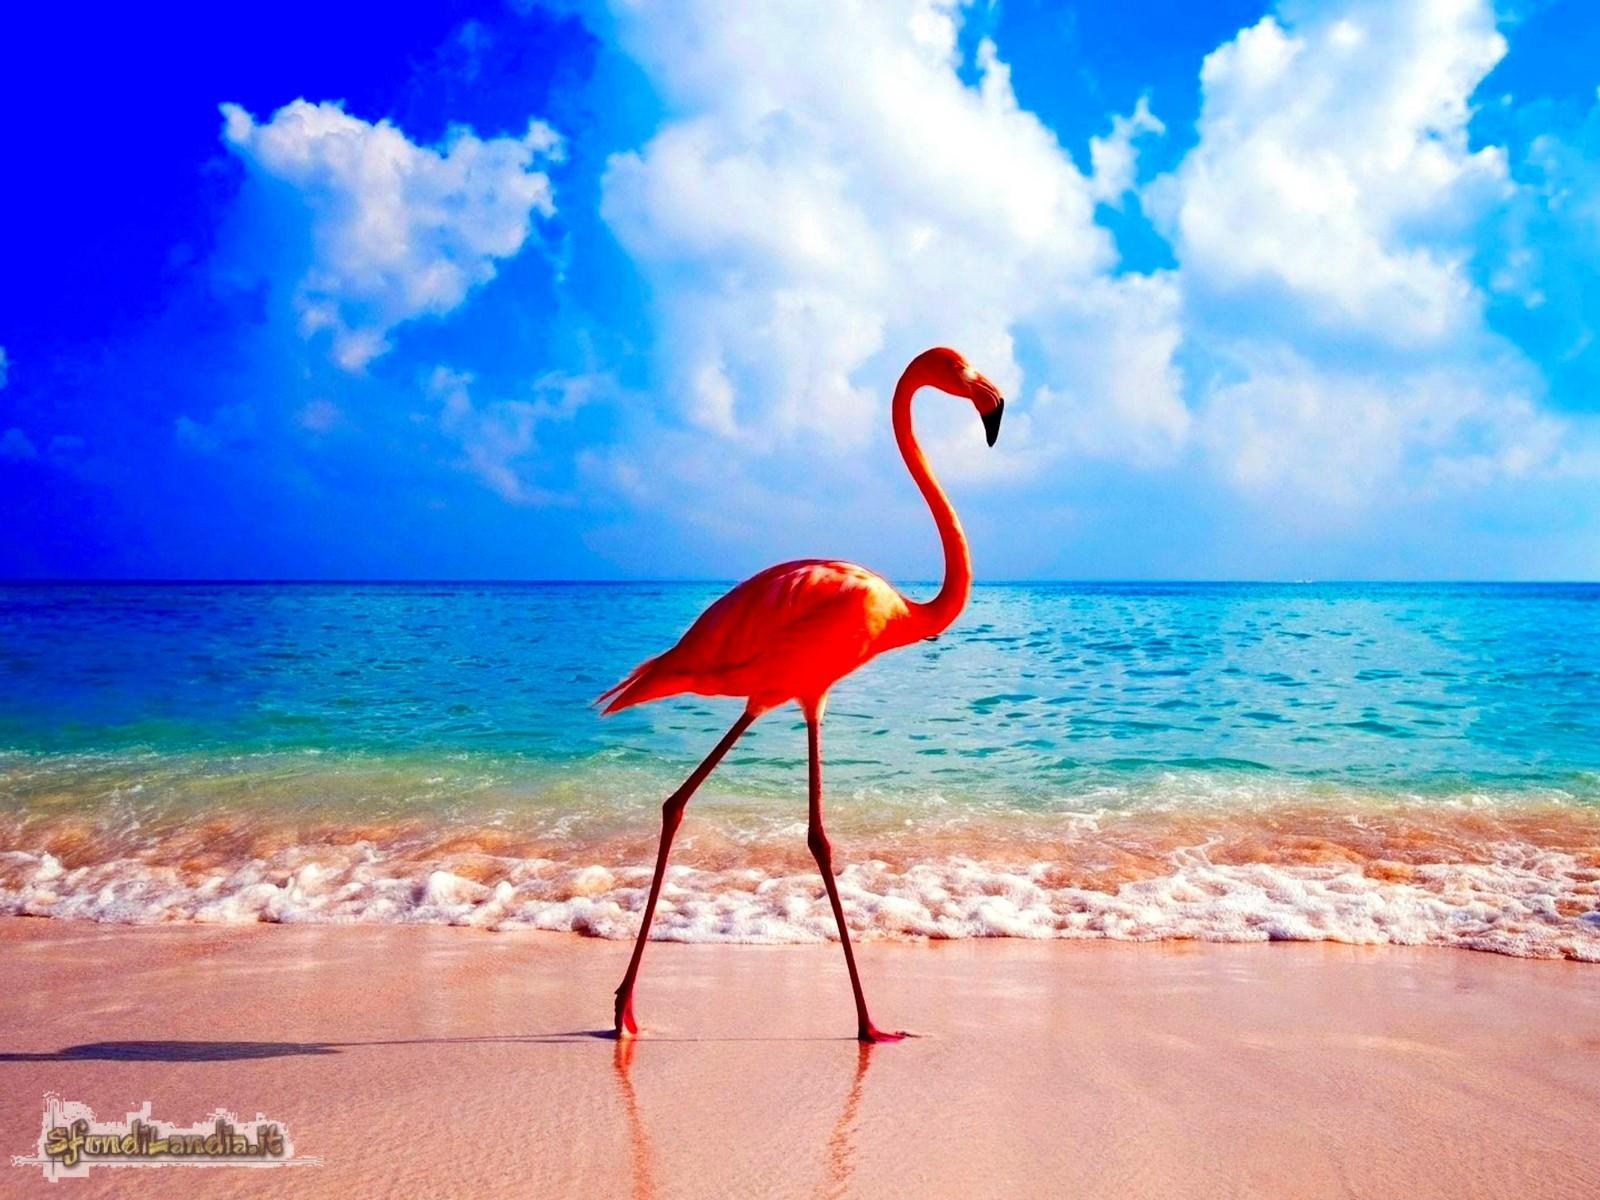 Sfondo gratis di fenicottero al mare per for Sfondilandia mare